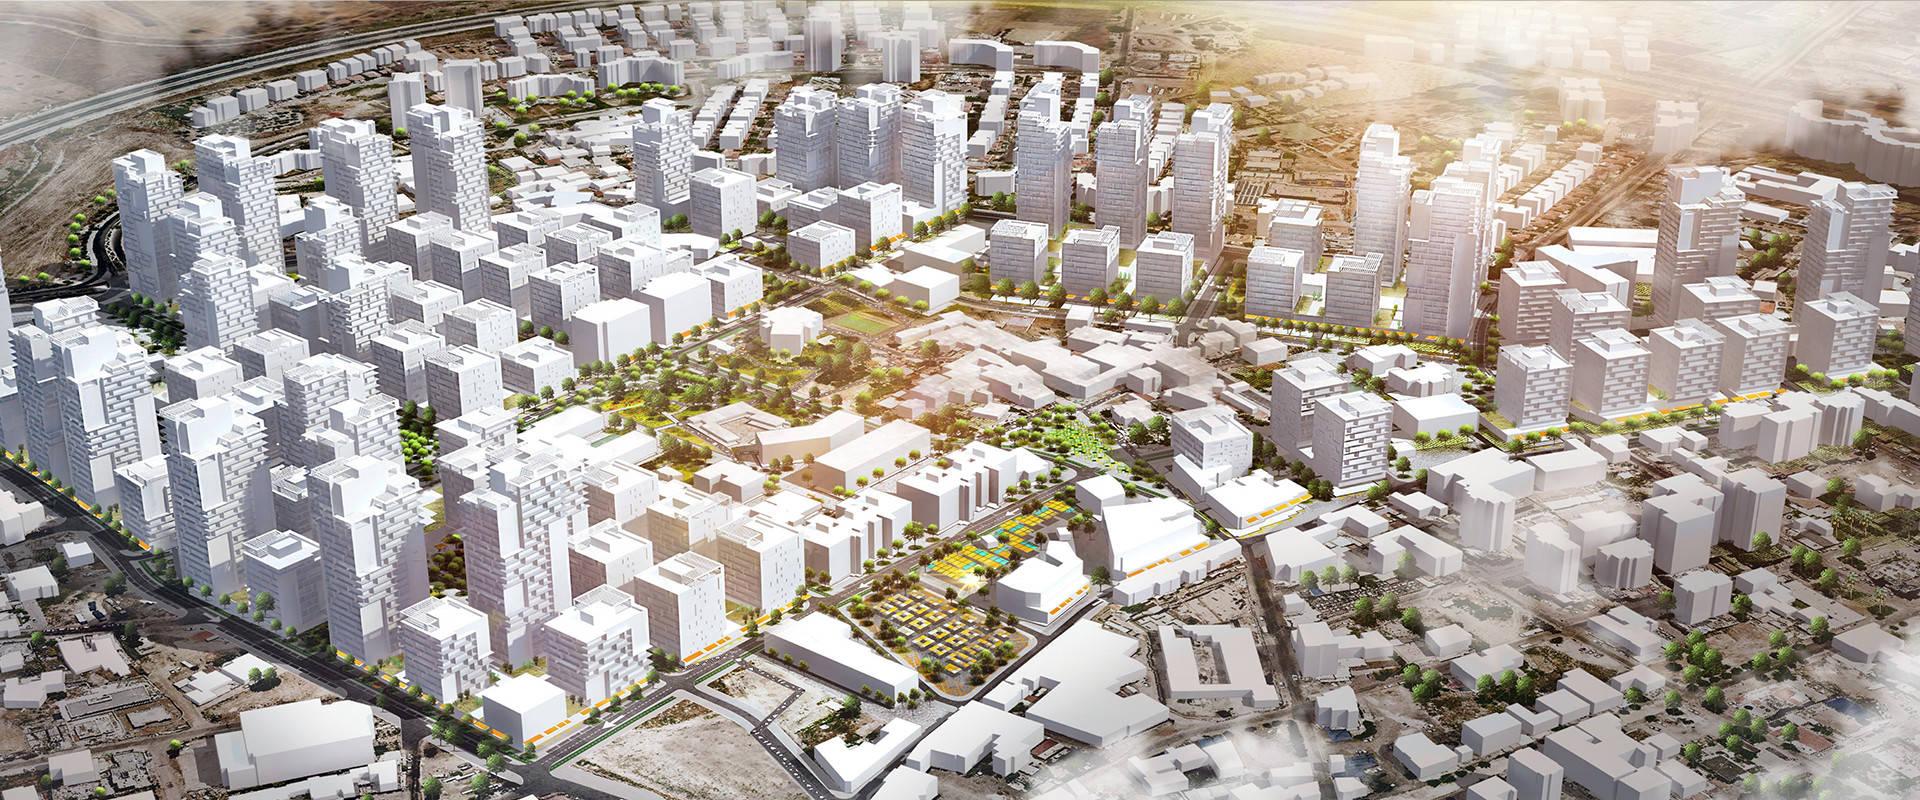 כך ייראו השכונות החדשות בישראל (צילום: רשות מקרקעי ישראל)